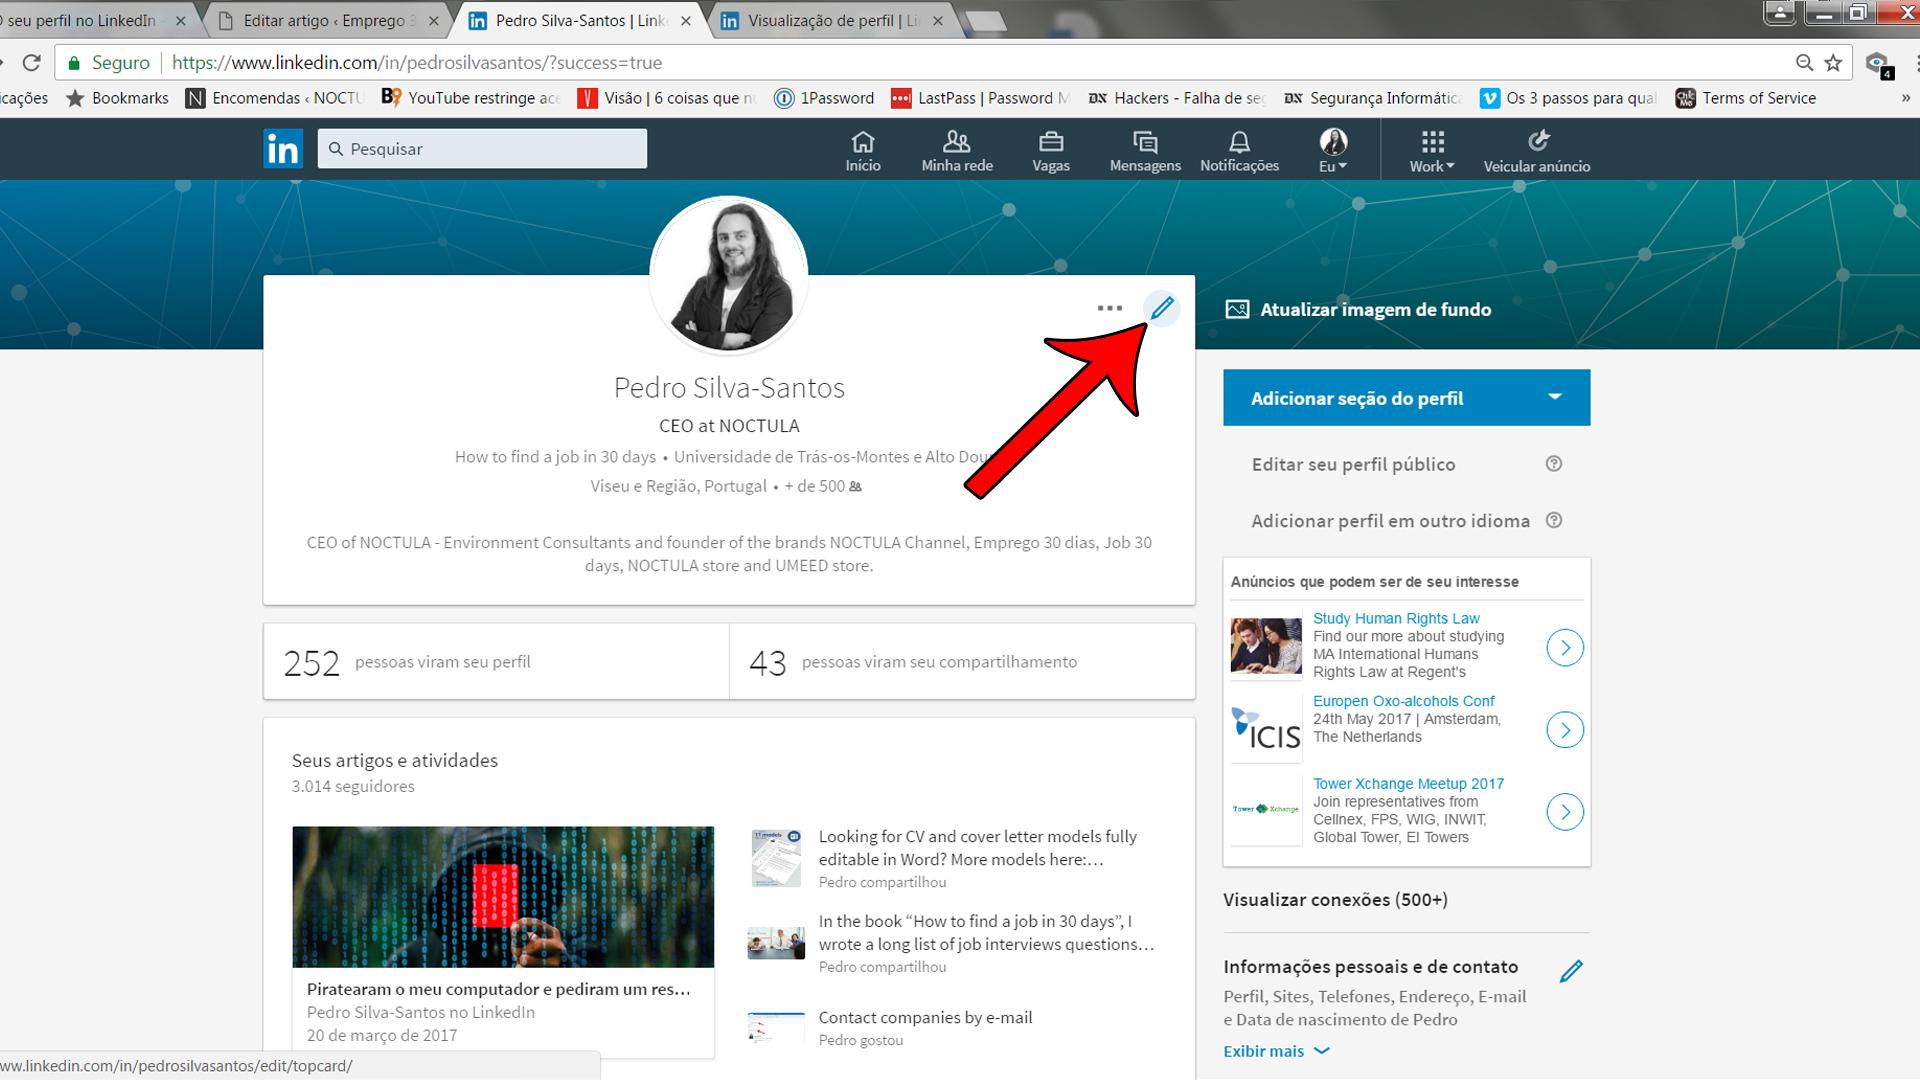 O seu perfil no LinkedIn_02